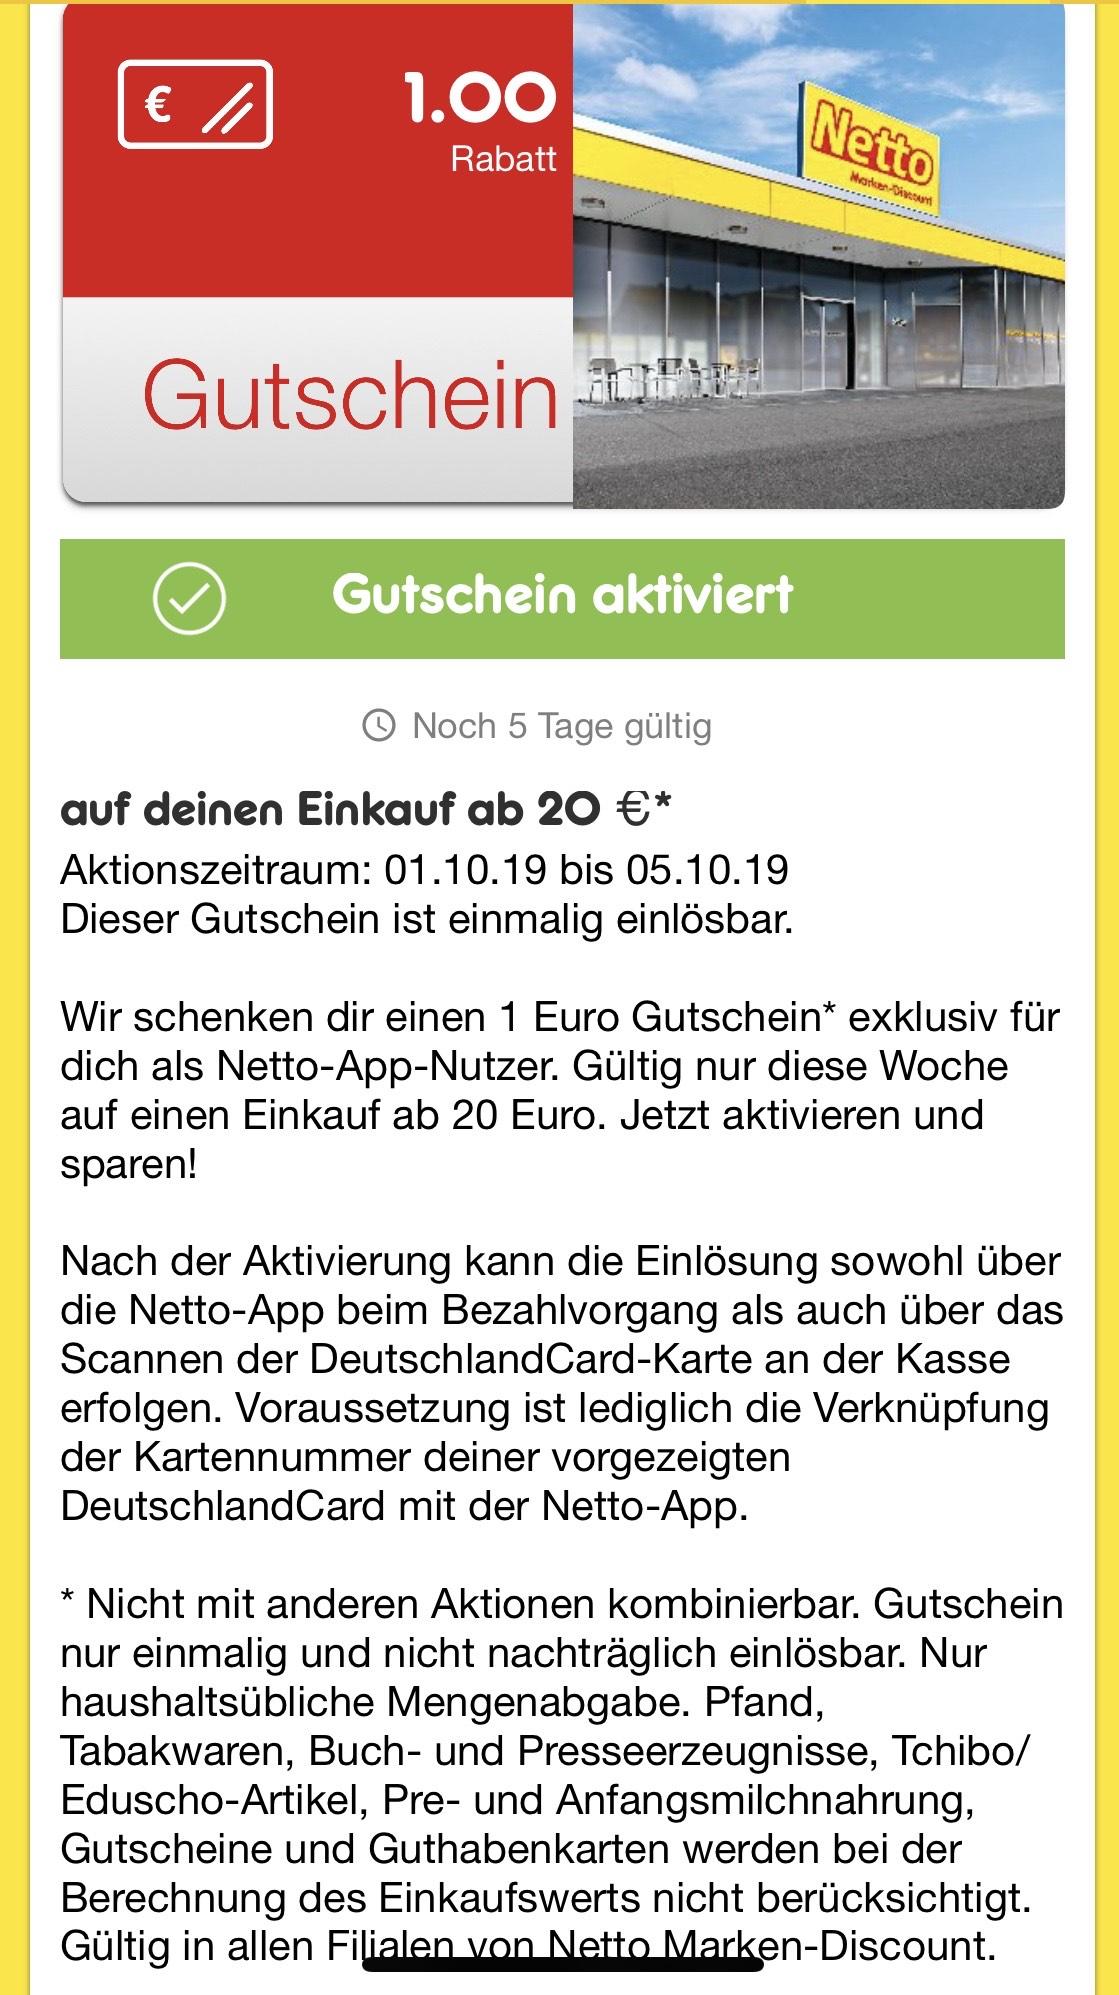 1€ Gutschein in der Netto App bei 20€ Mindesteinkauf